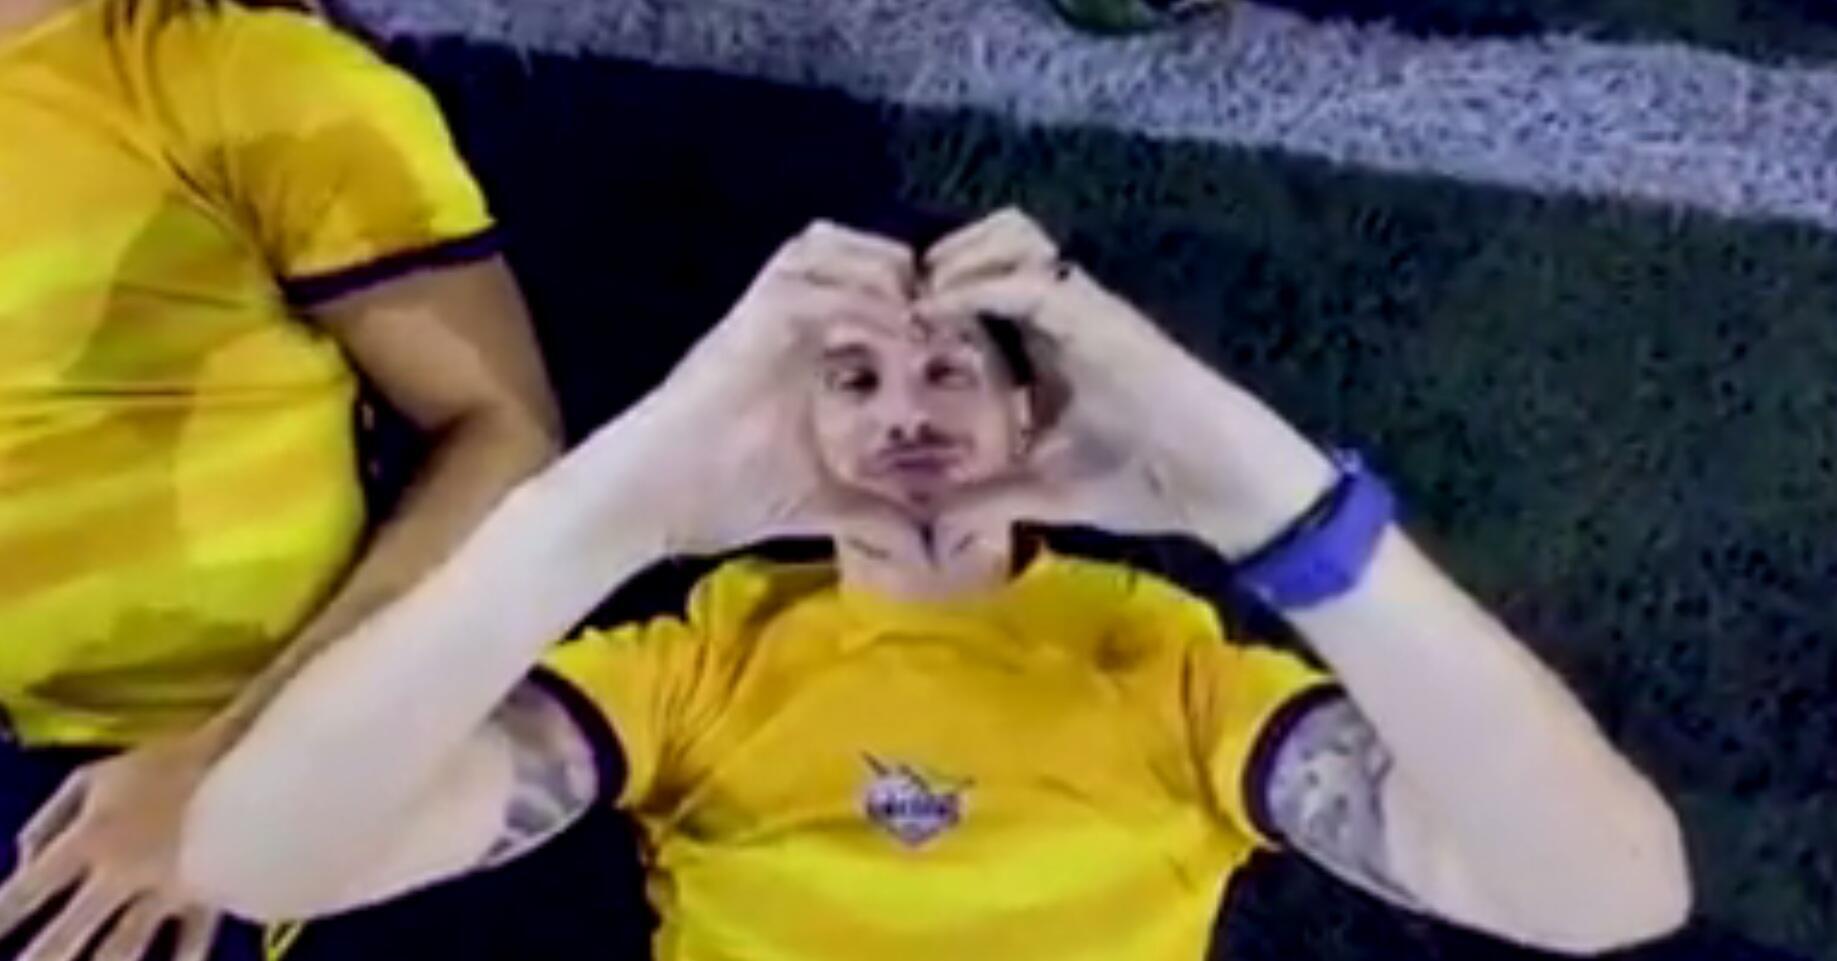 """L'équipe de foot des """"Licornes"""" à Sao Paulo tente de faire valoir les droits des communautés LGBT."""